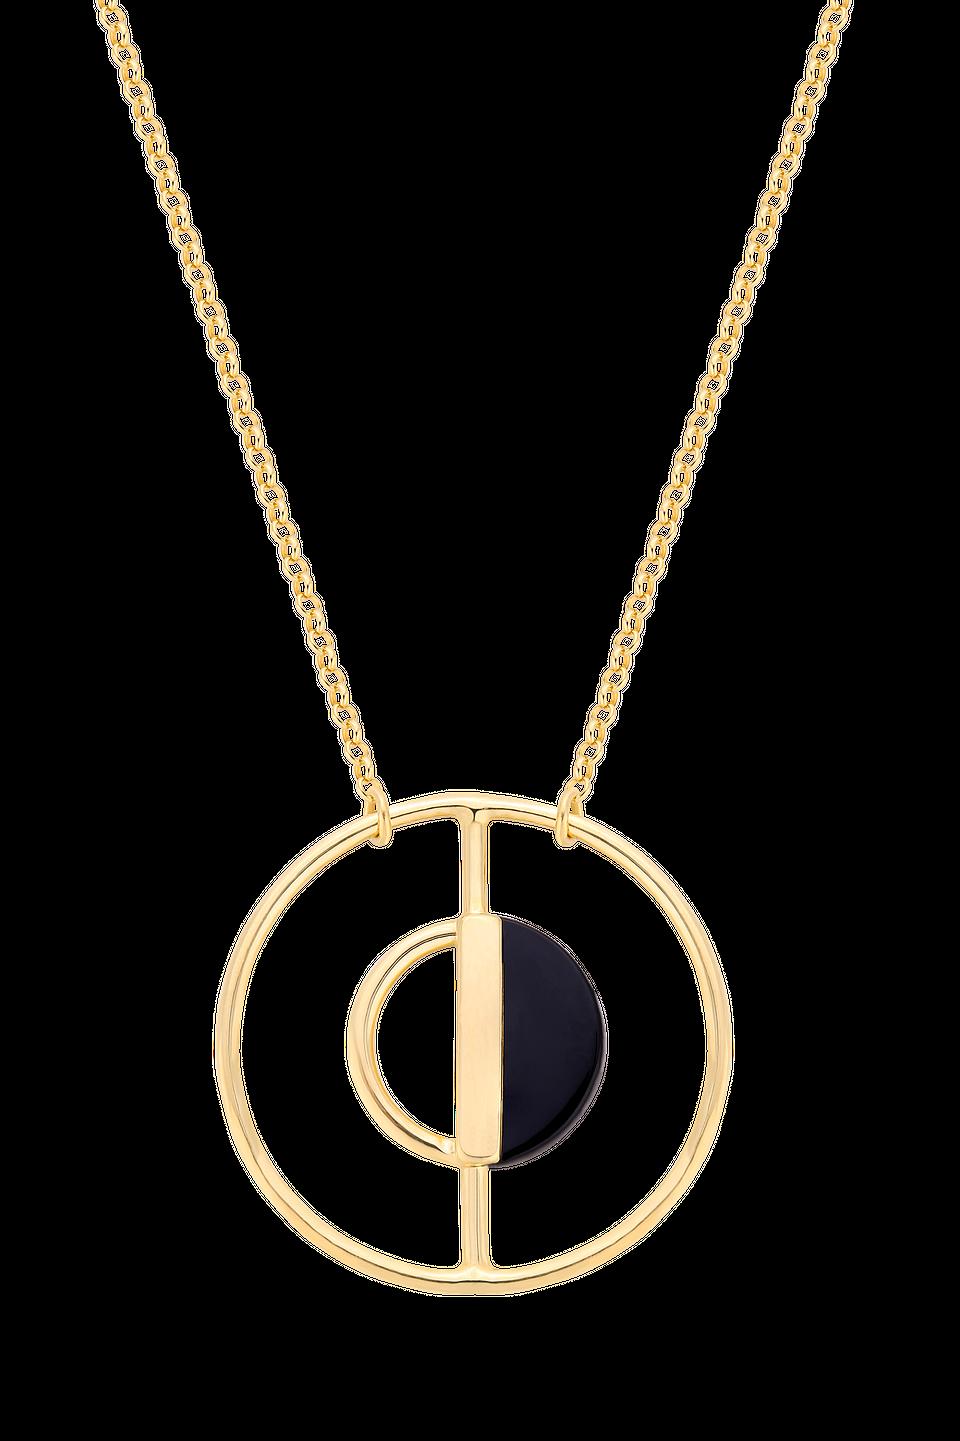 Naszyjnik z dużą zawieszką z czarnym kamieniem ozdobnym, 260 zł